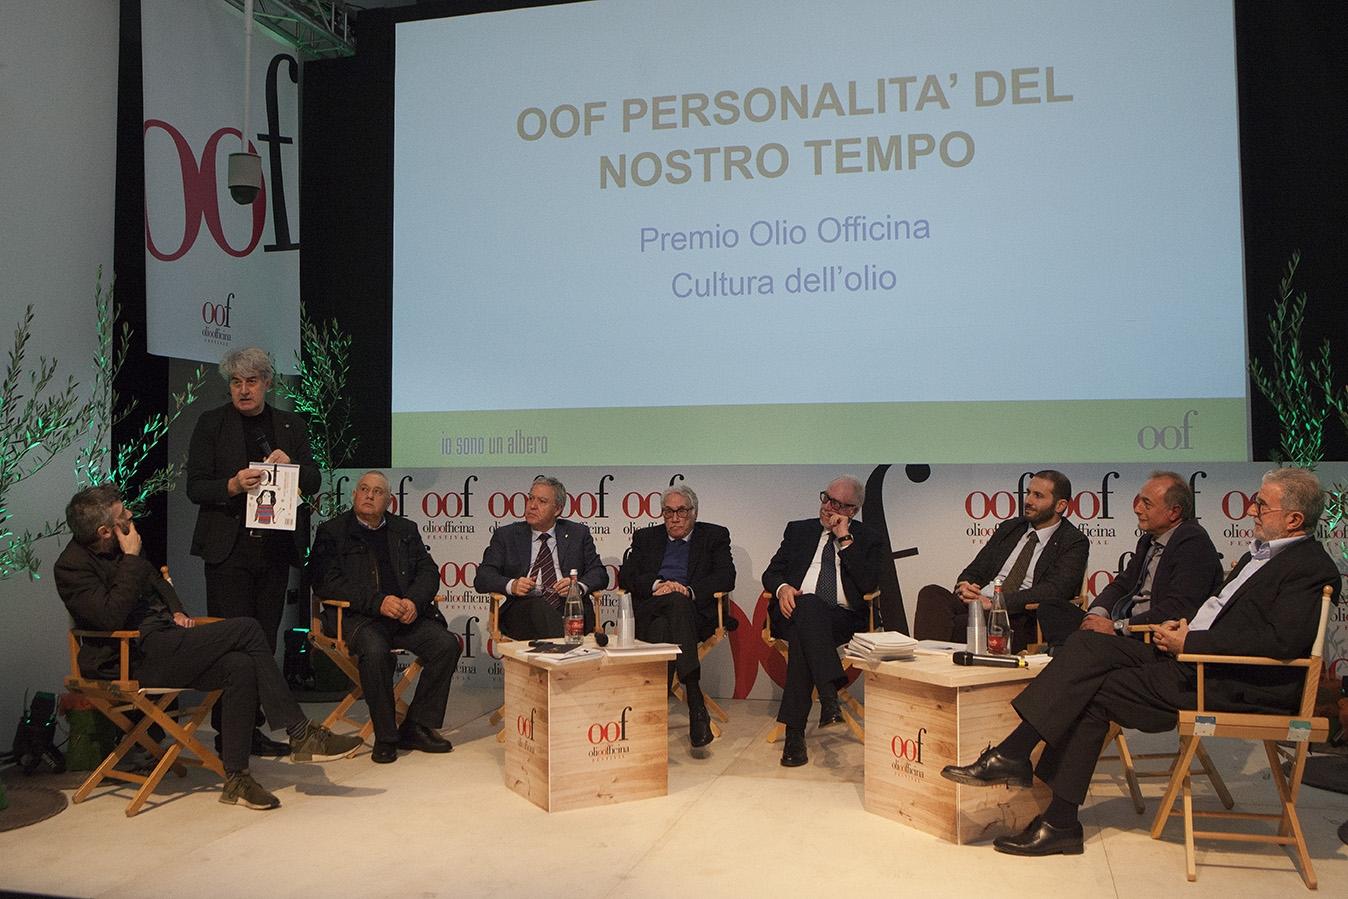 Il Premio Olio Officina 2018